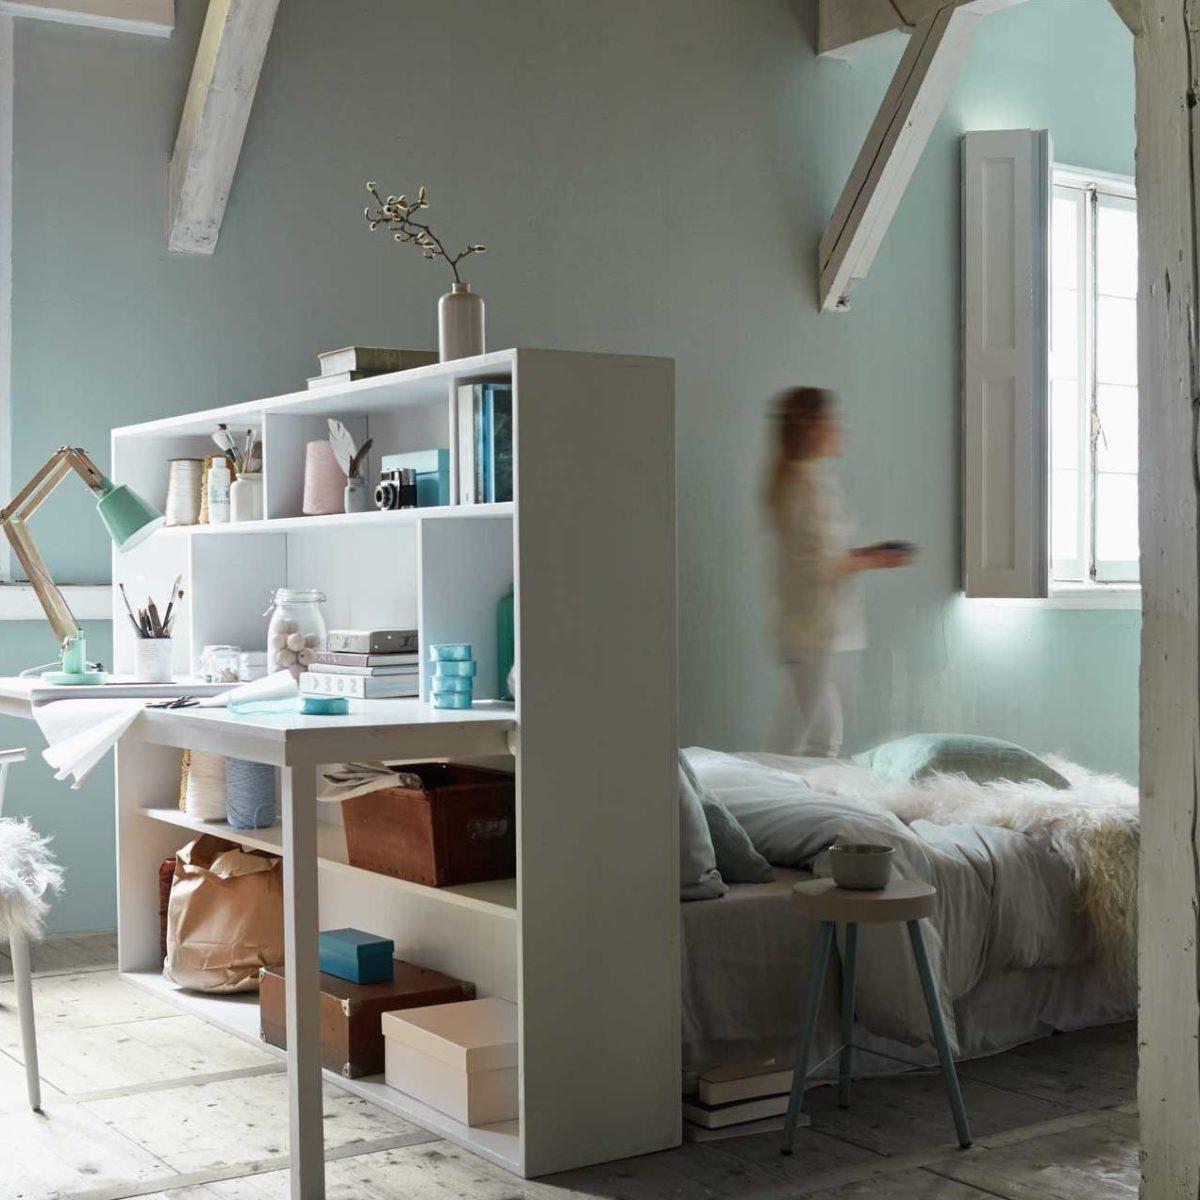 tête de lit bureau chambre scandinave poutres blanches apparentes plaid fourrure